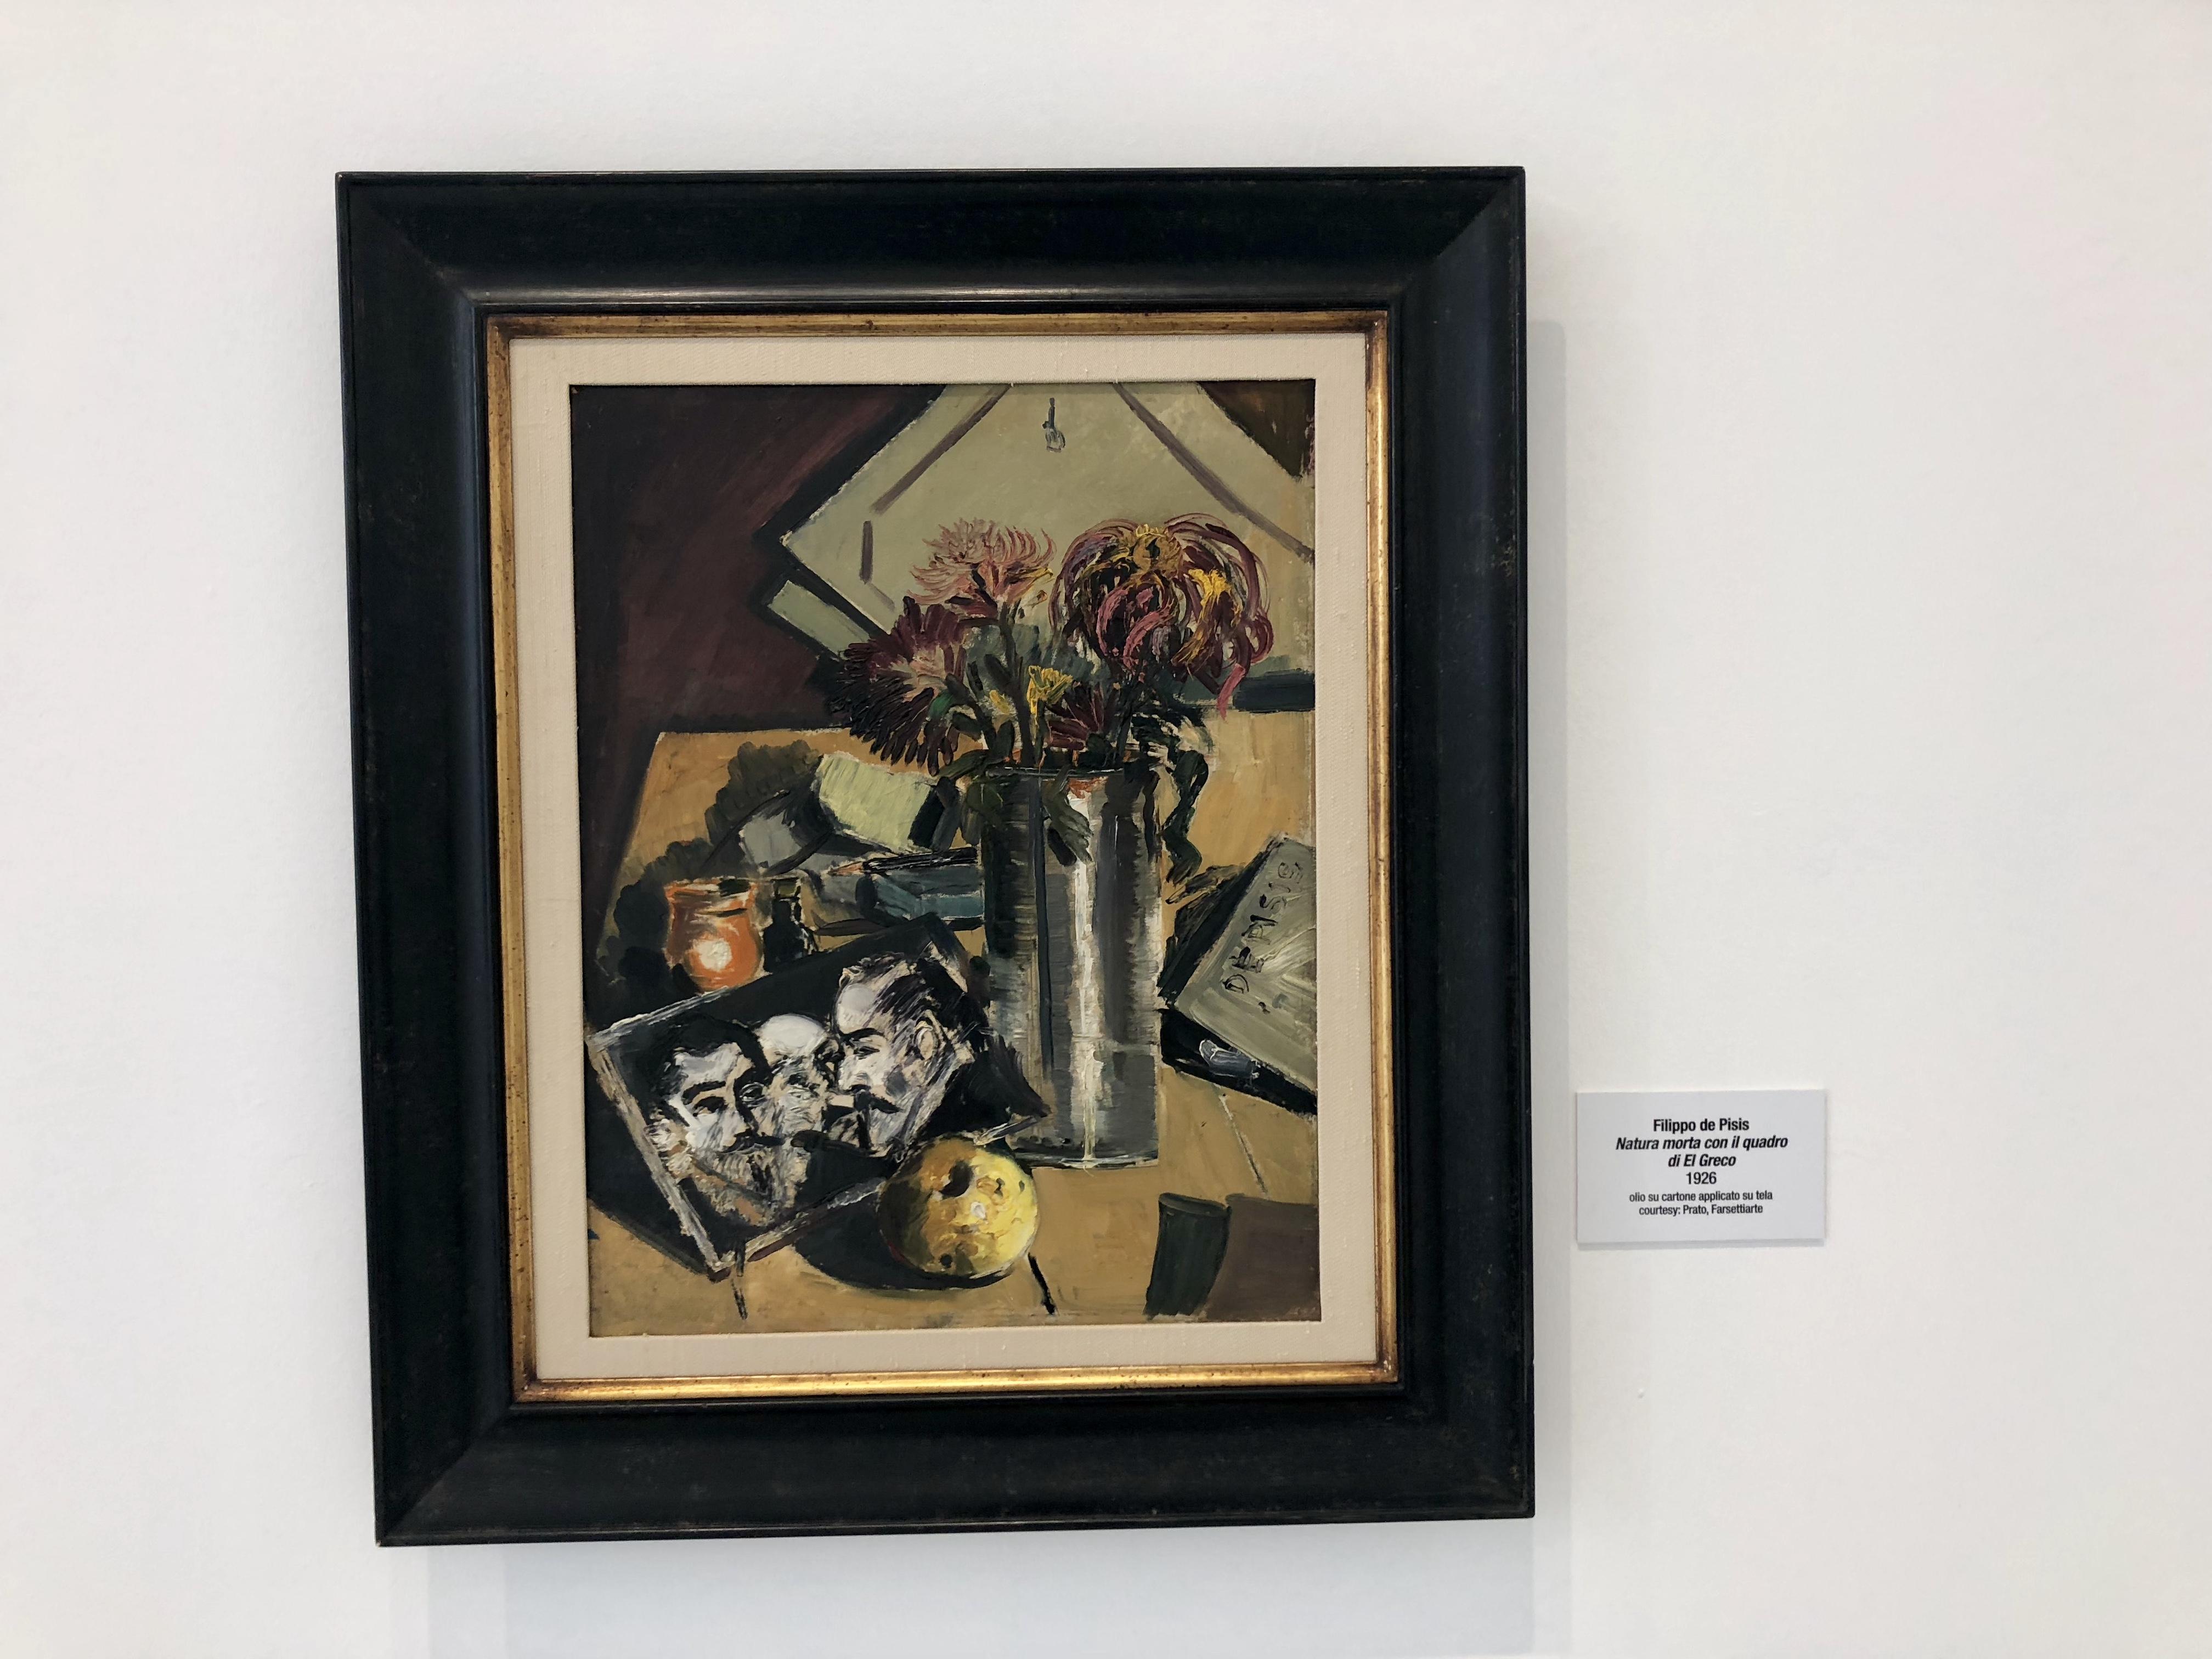 TalentiEventi_Filippo_De_Pisis_Eclettico_connoisseur_fra pittura_ musica_e_poesia_Museo_Ettore_Fico_31